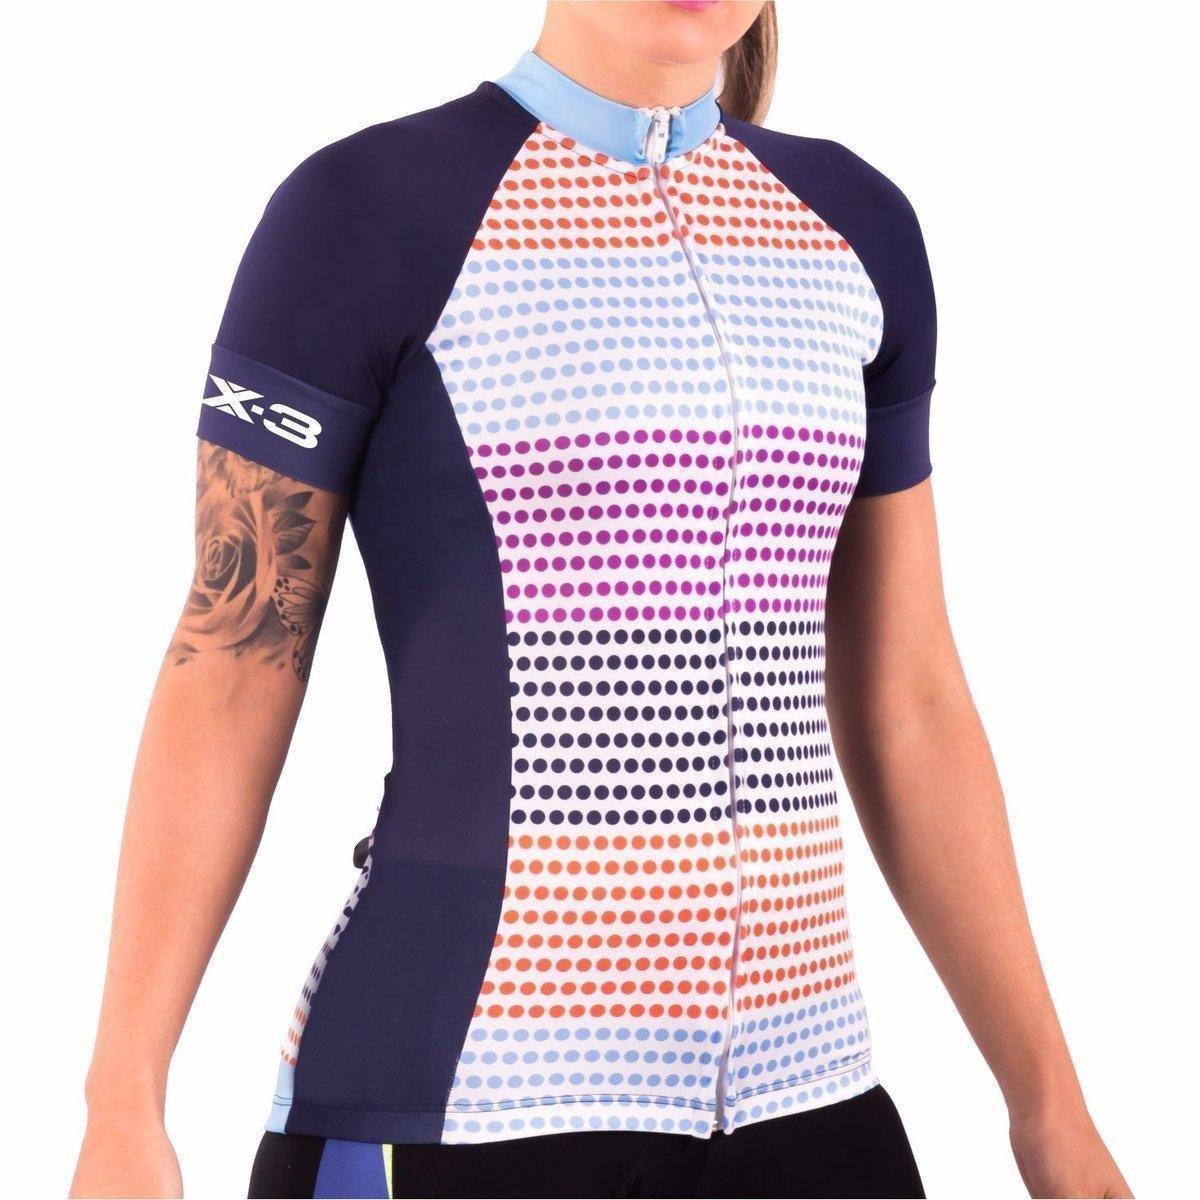 Camisa DX3 Azul Feminina CYCLE Feminina Ciclismo 81007 Ciclismo DX3 81007 Camisa Azul CYCLE q4AwTFC